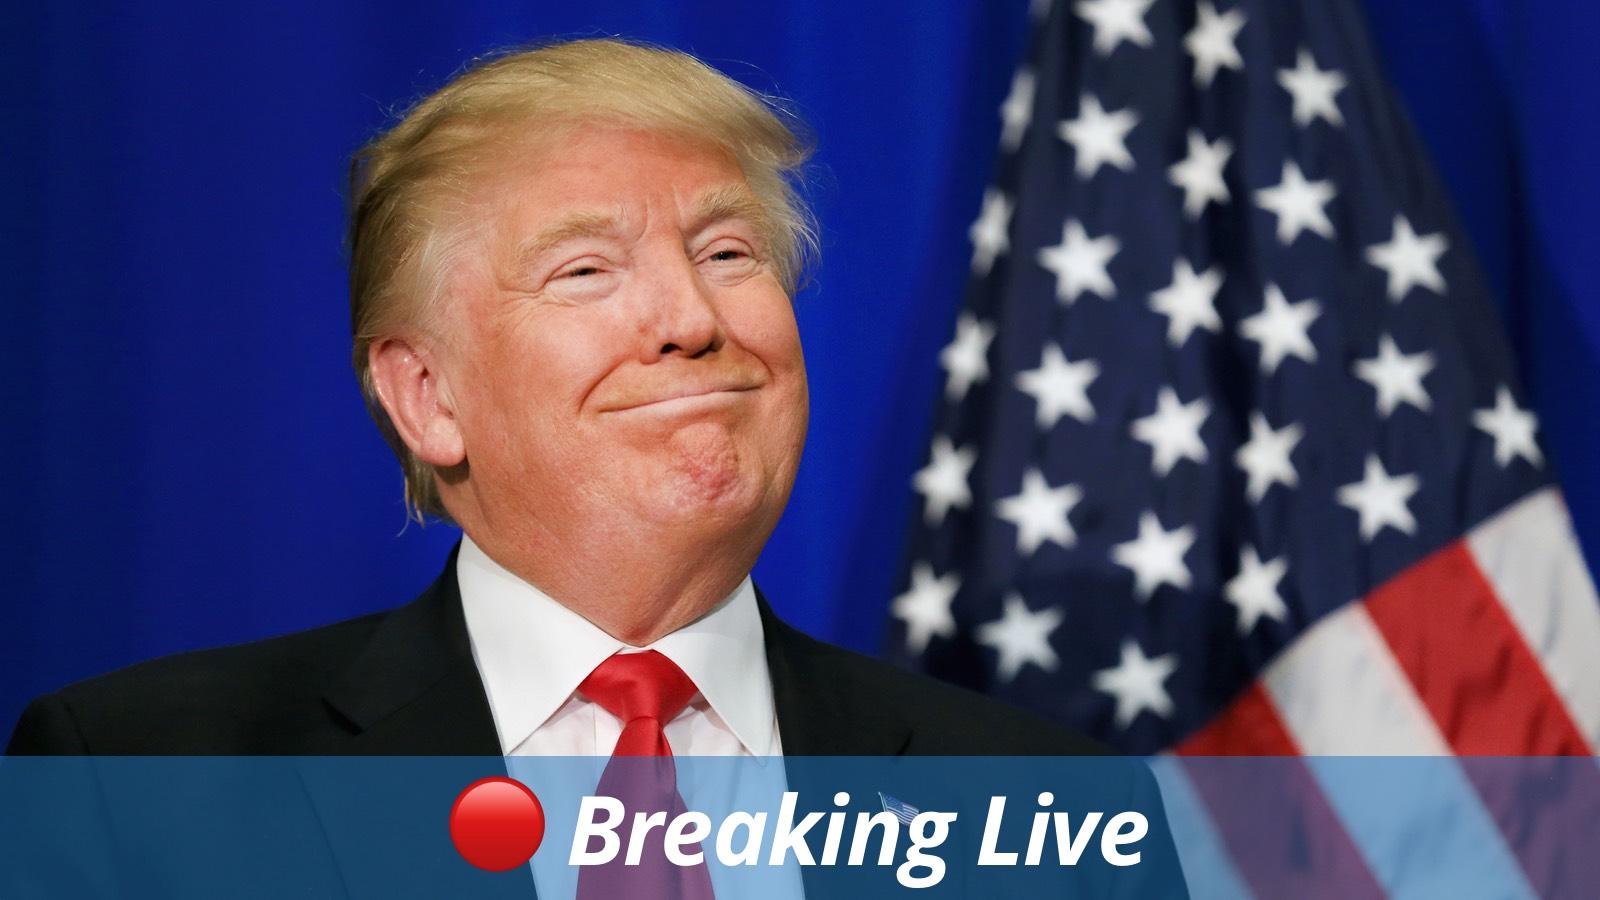 Stupéfaction : Donald Trump sera le 45ème Président des États-Unis